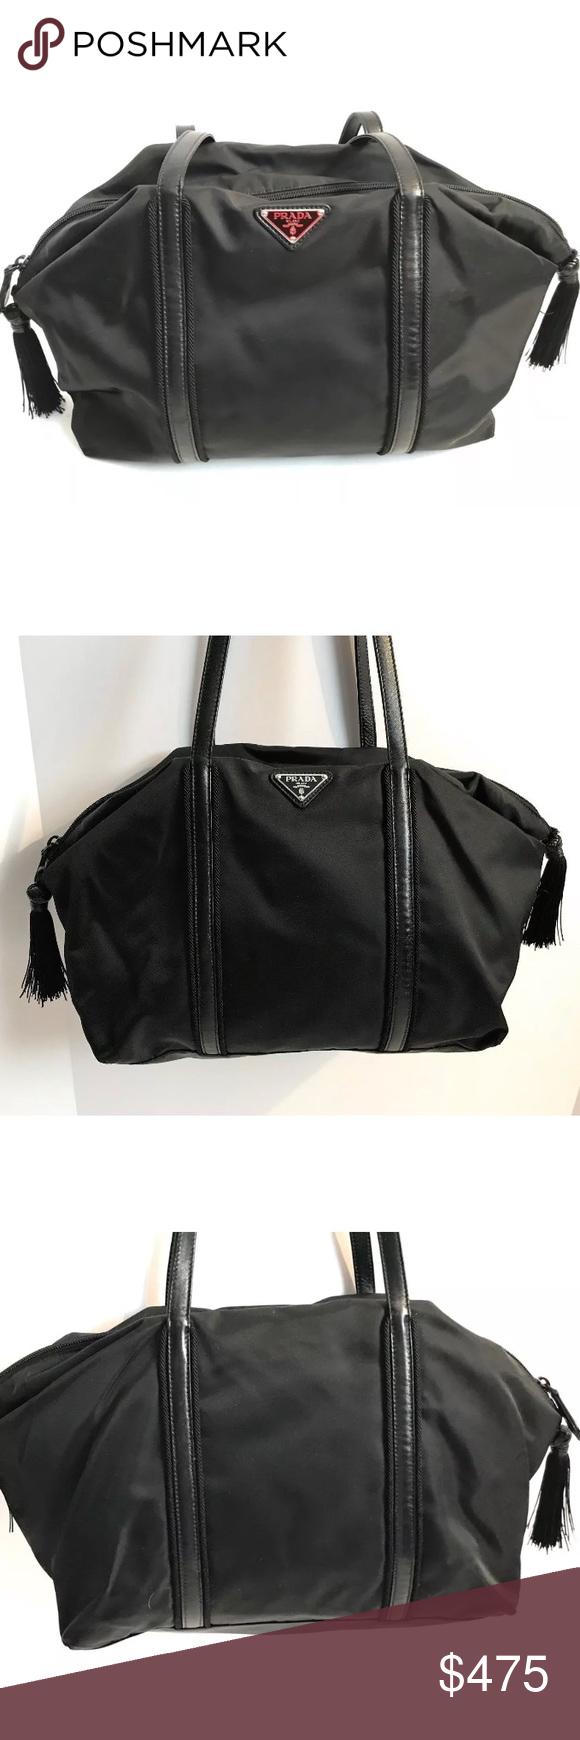 f4df652980d6f3 PRADA Tessuto Nylon Tassel Satchel Purse Bag Black Authentic PRADA Tessuto  Nylon Tassel Satchel/ Duffel